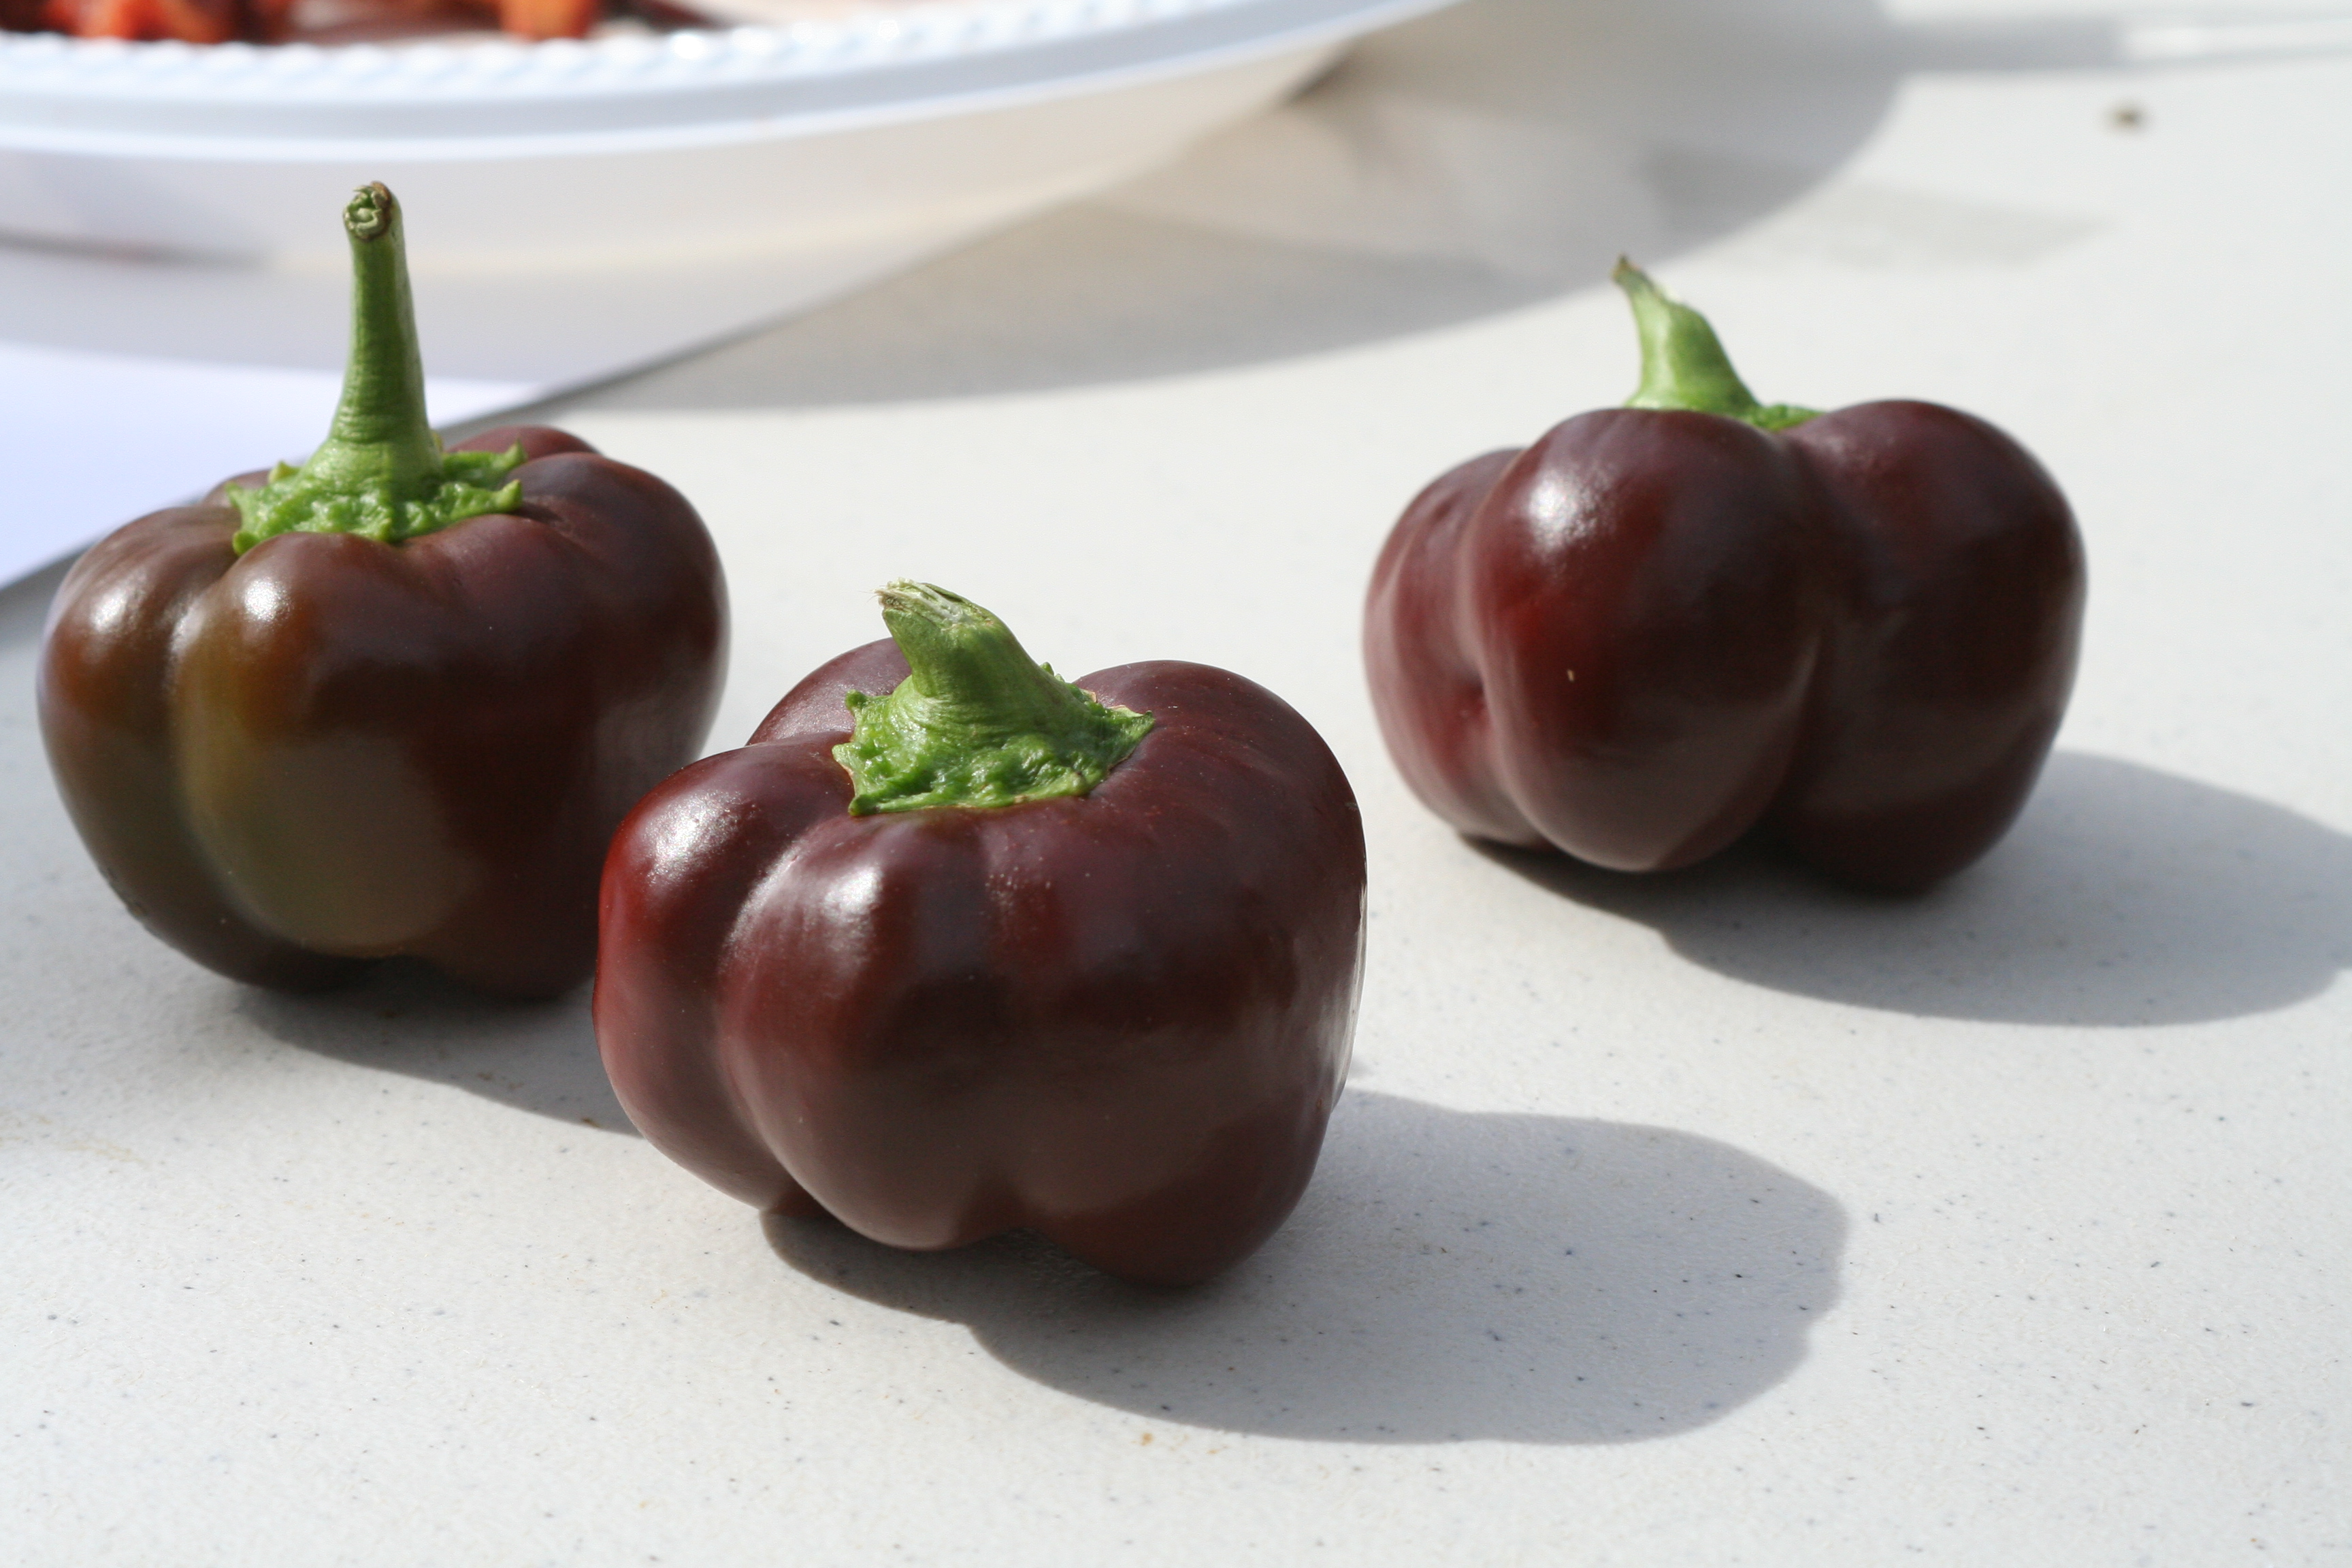 08-08-27 Snyder Farm Tomato Tasting 045